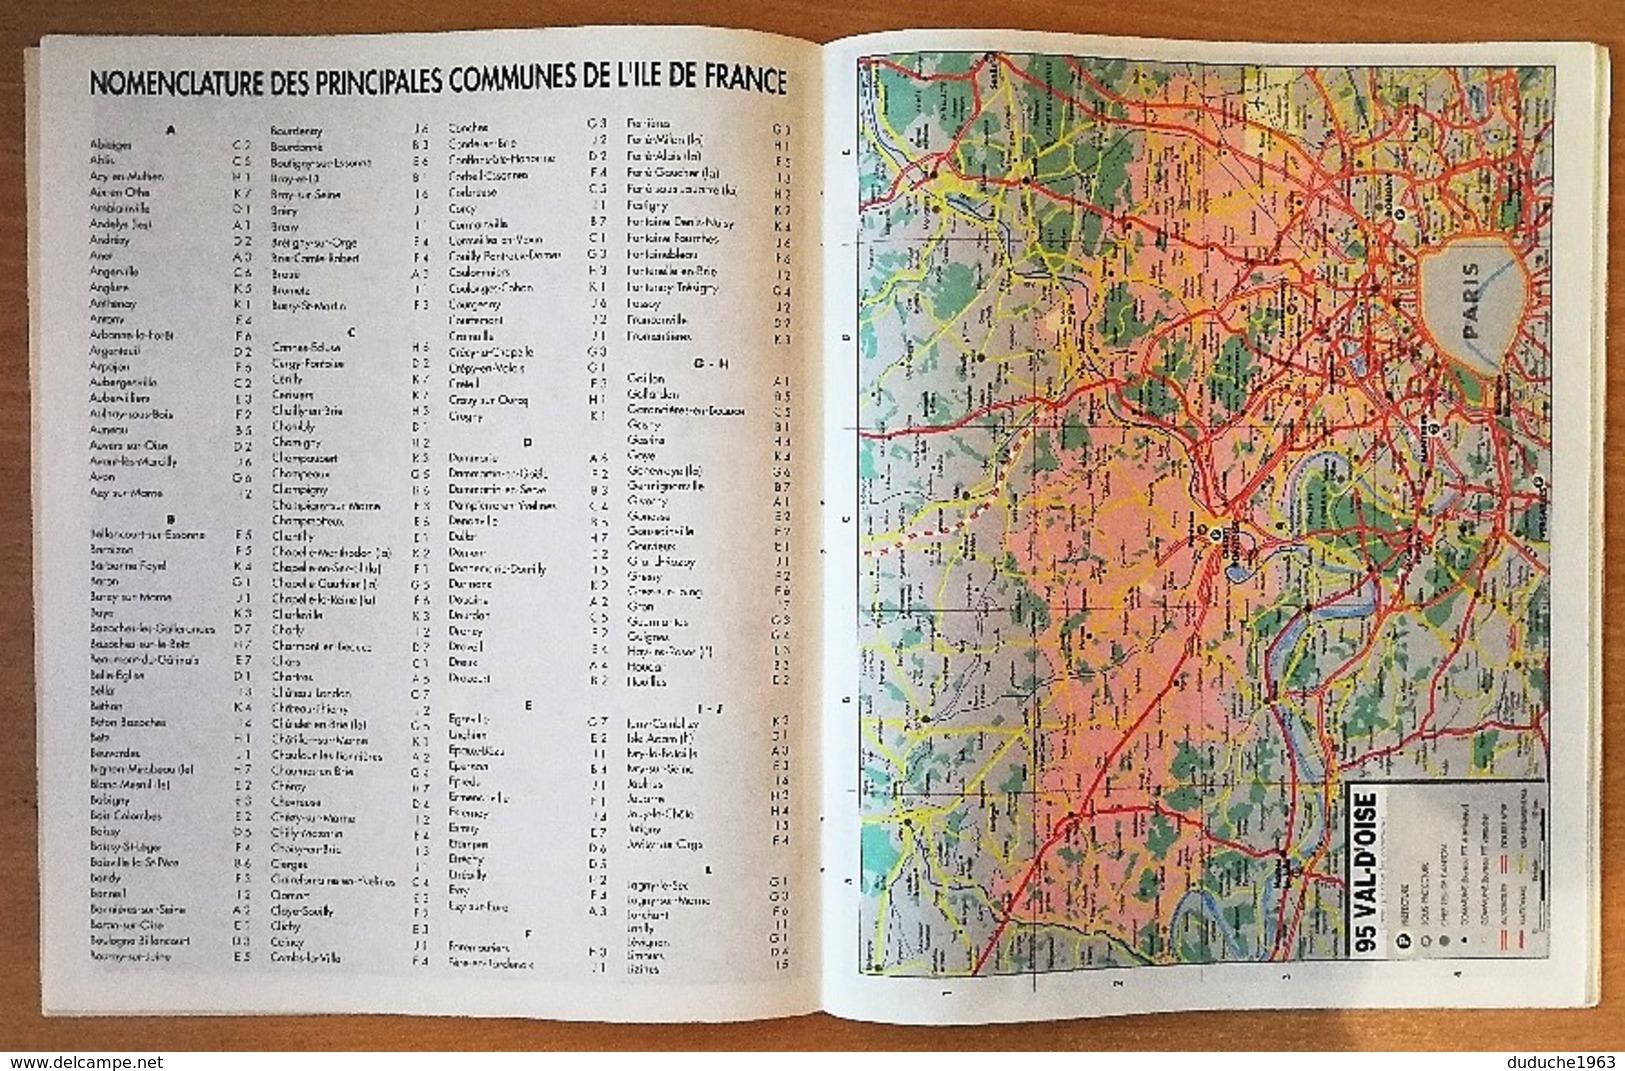 Calendrier La Poste - Almanach: 95. Val D'Oise 1995. Plan Paris,RER,métro,banlieue - Calendriers